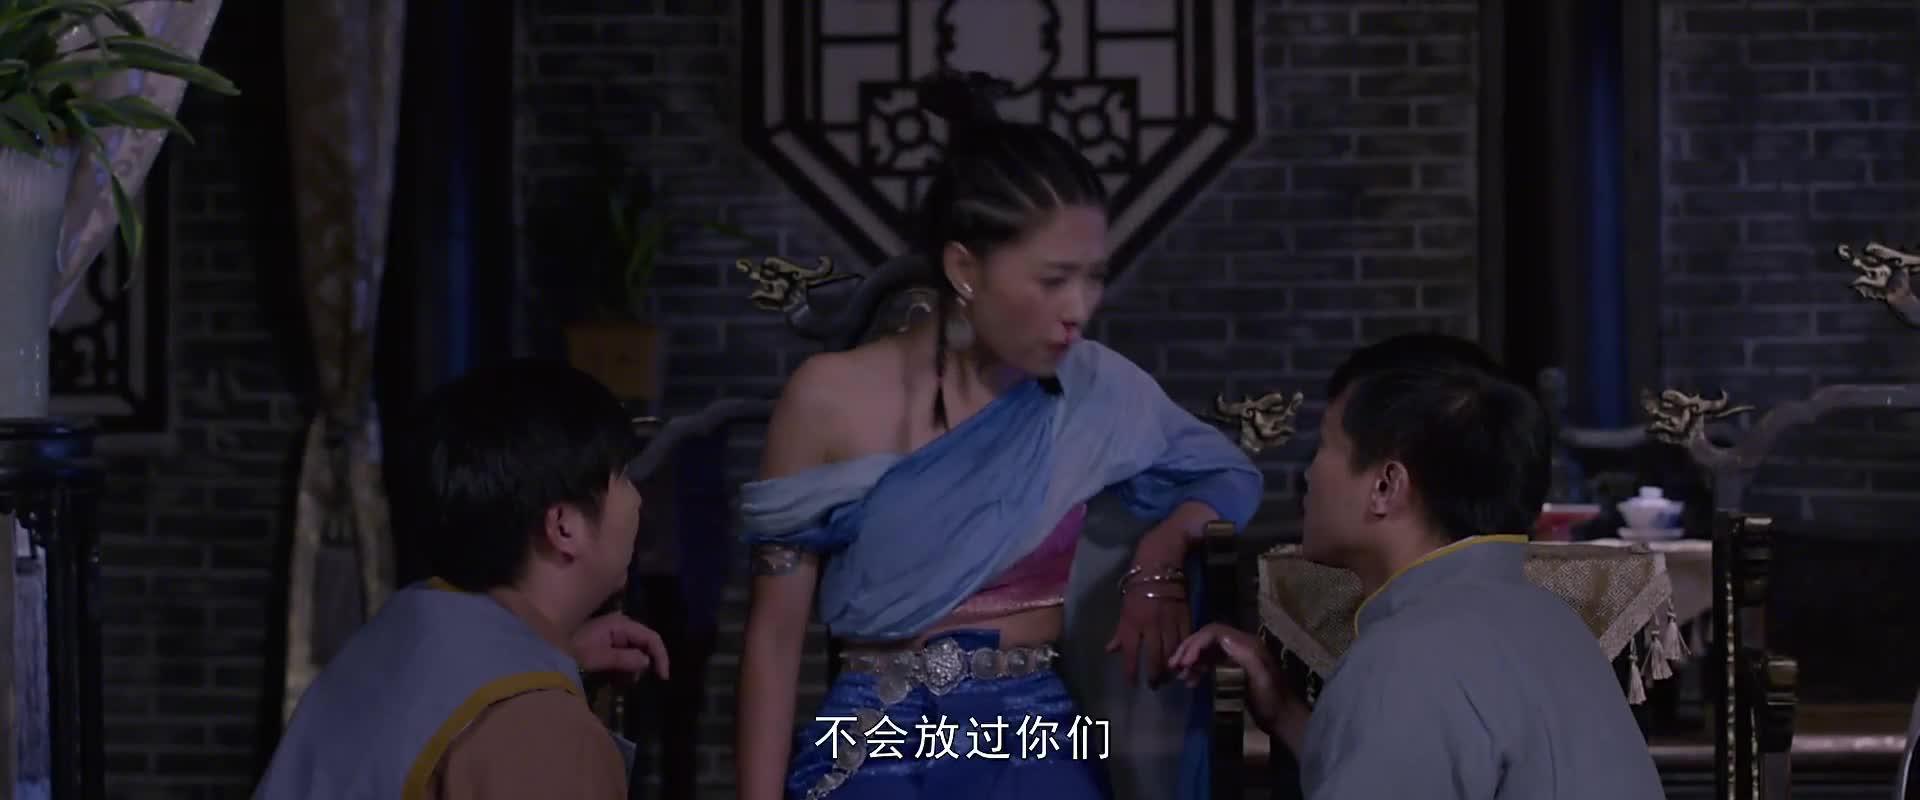 钱小豪让通灵少女定位降头师位置,提着一把大刀找他决战